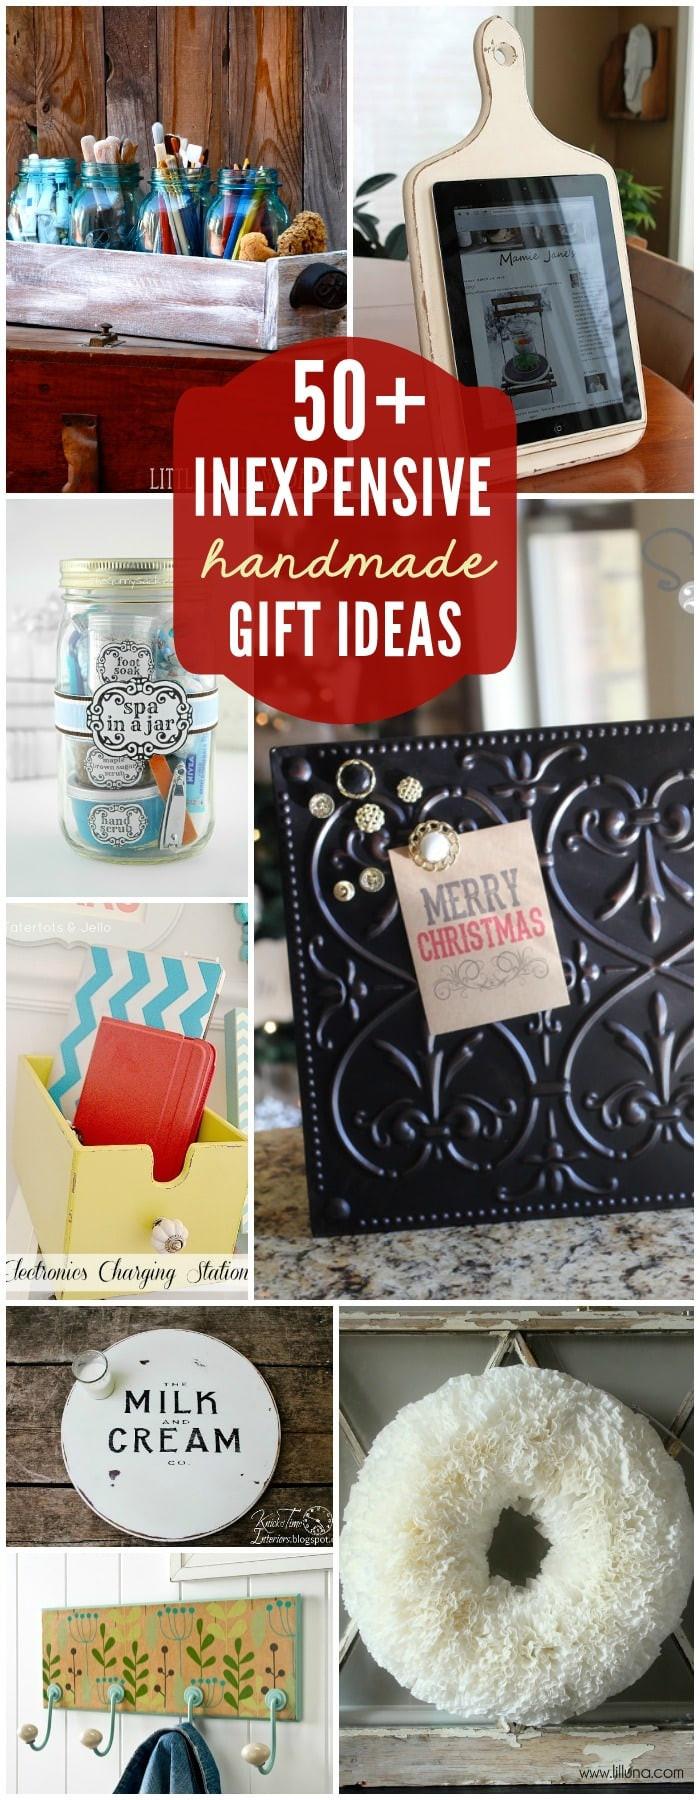 DIY Holiday Gift Ideas  Easy DIY Gift Ideas